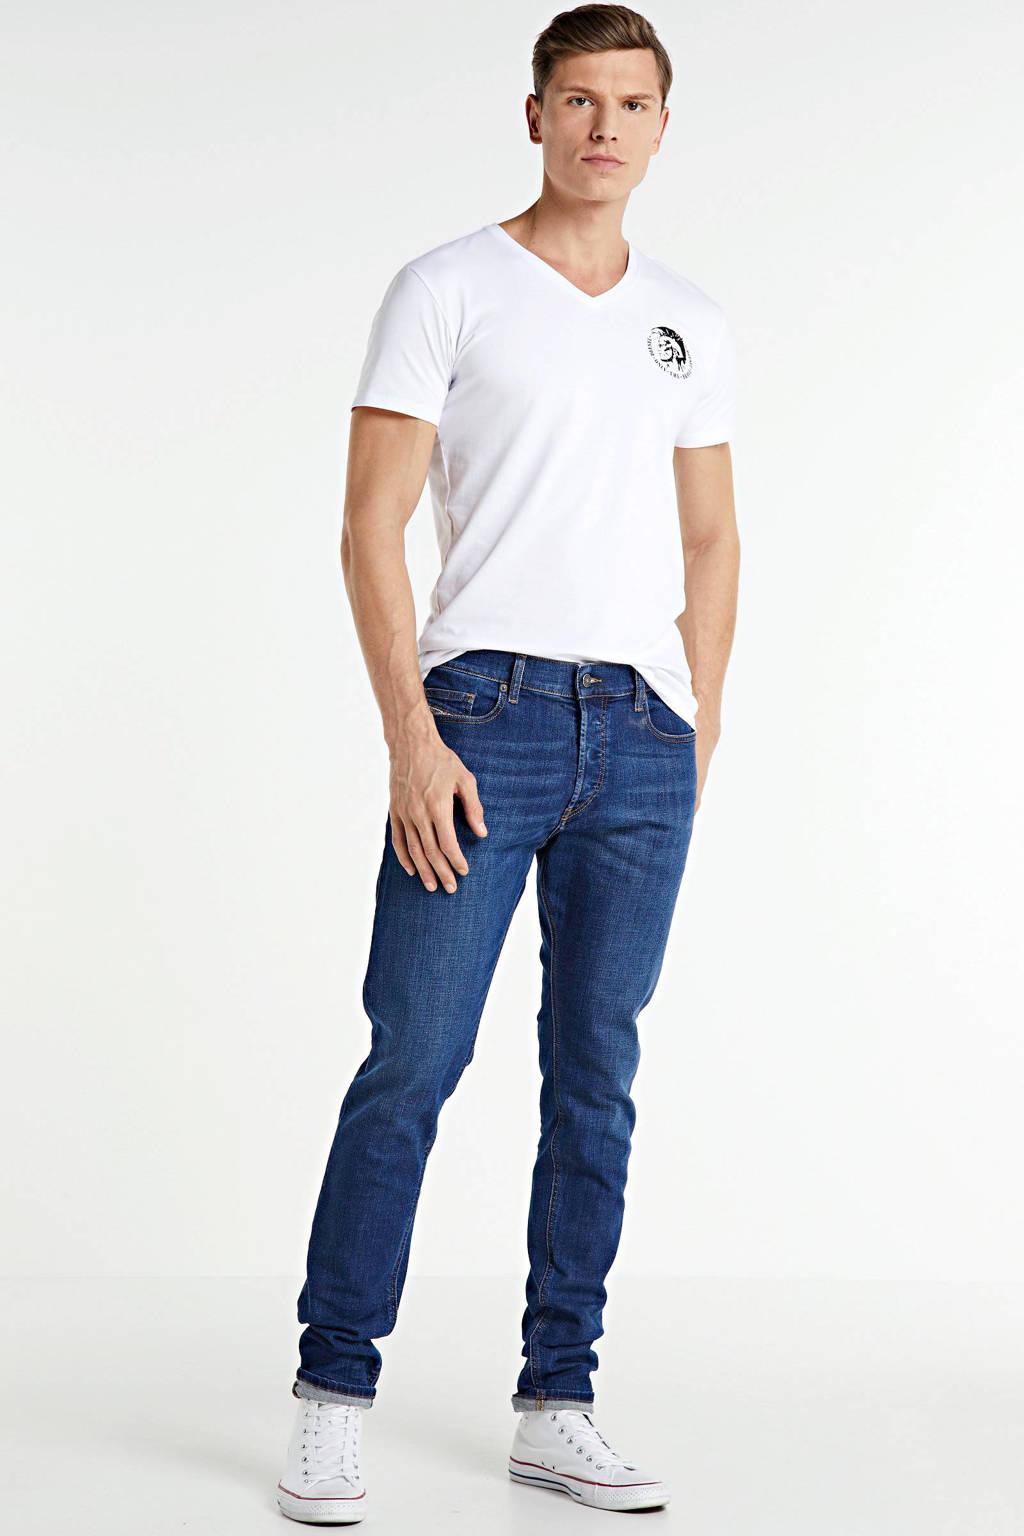 Diesel T-shirt (set van 3), Wit/donkerblauw/zwart